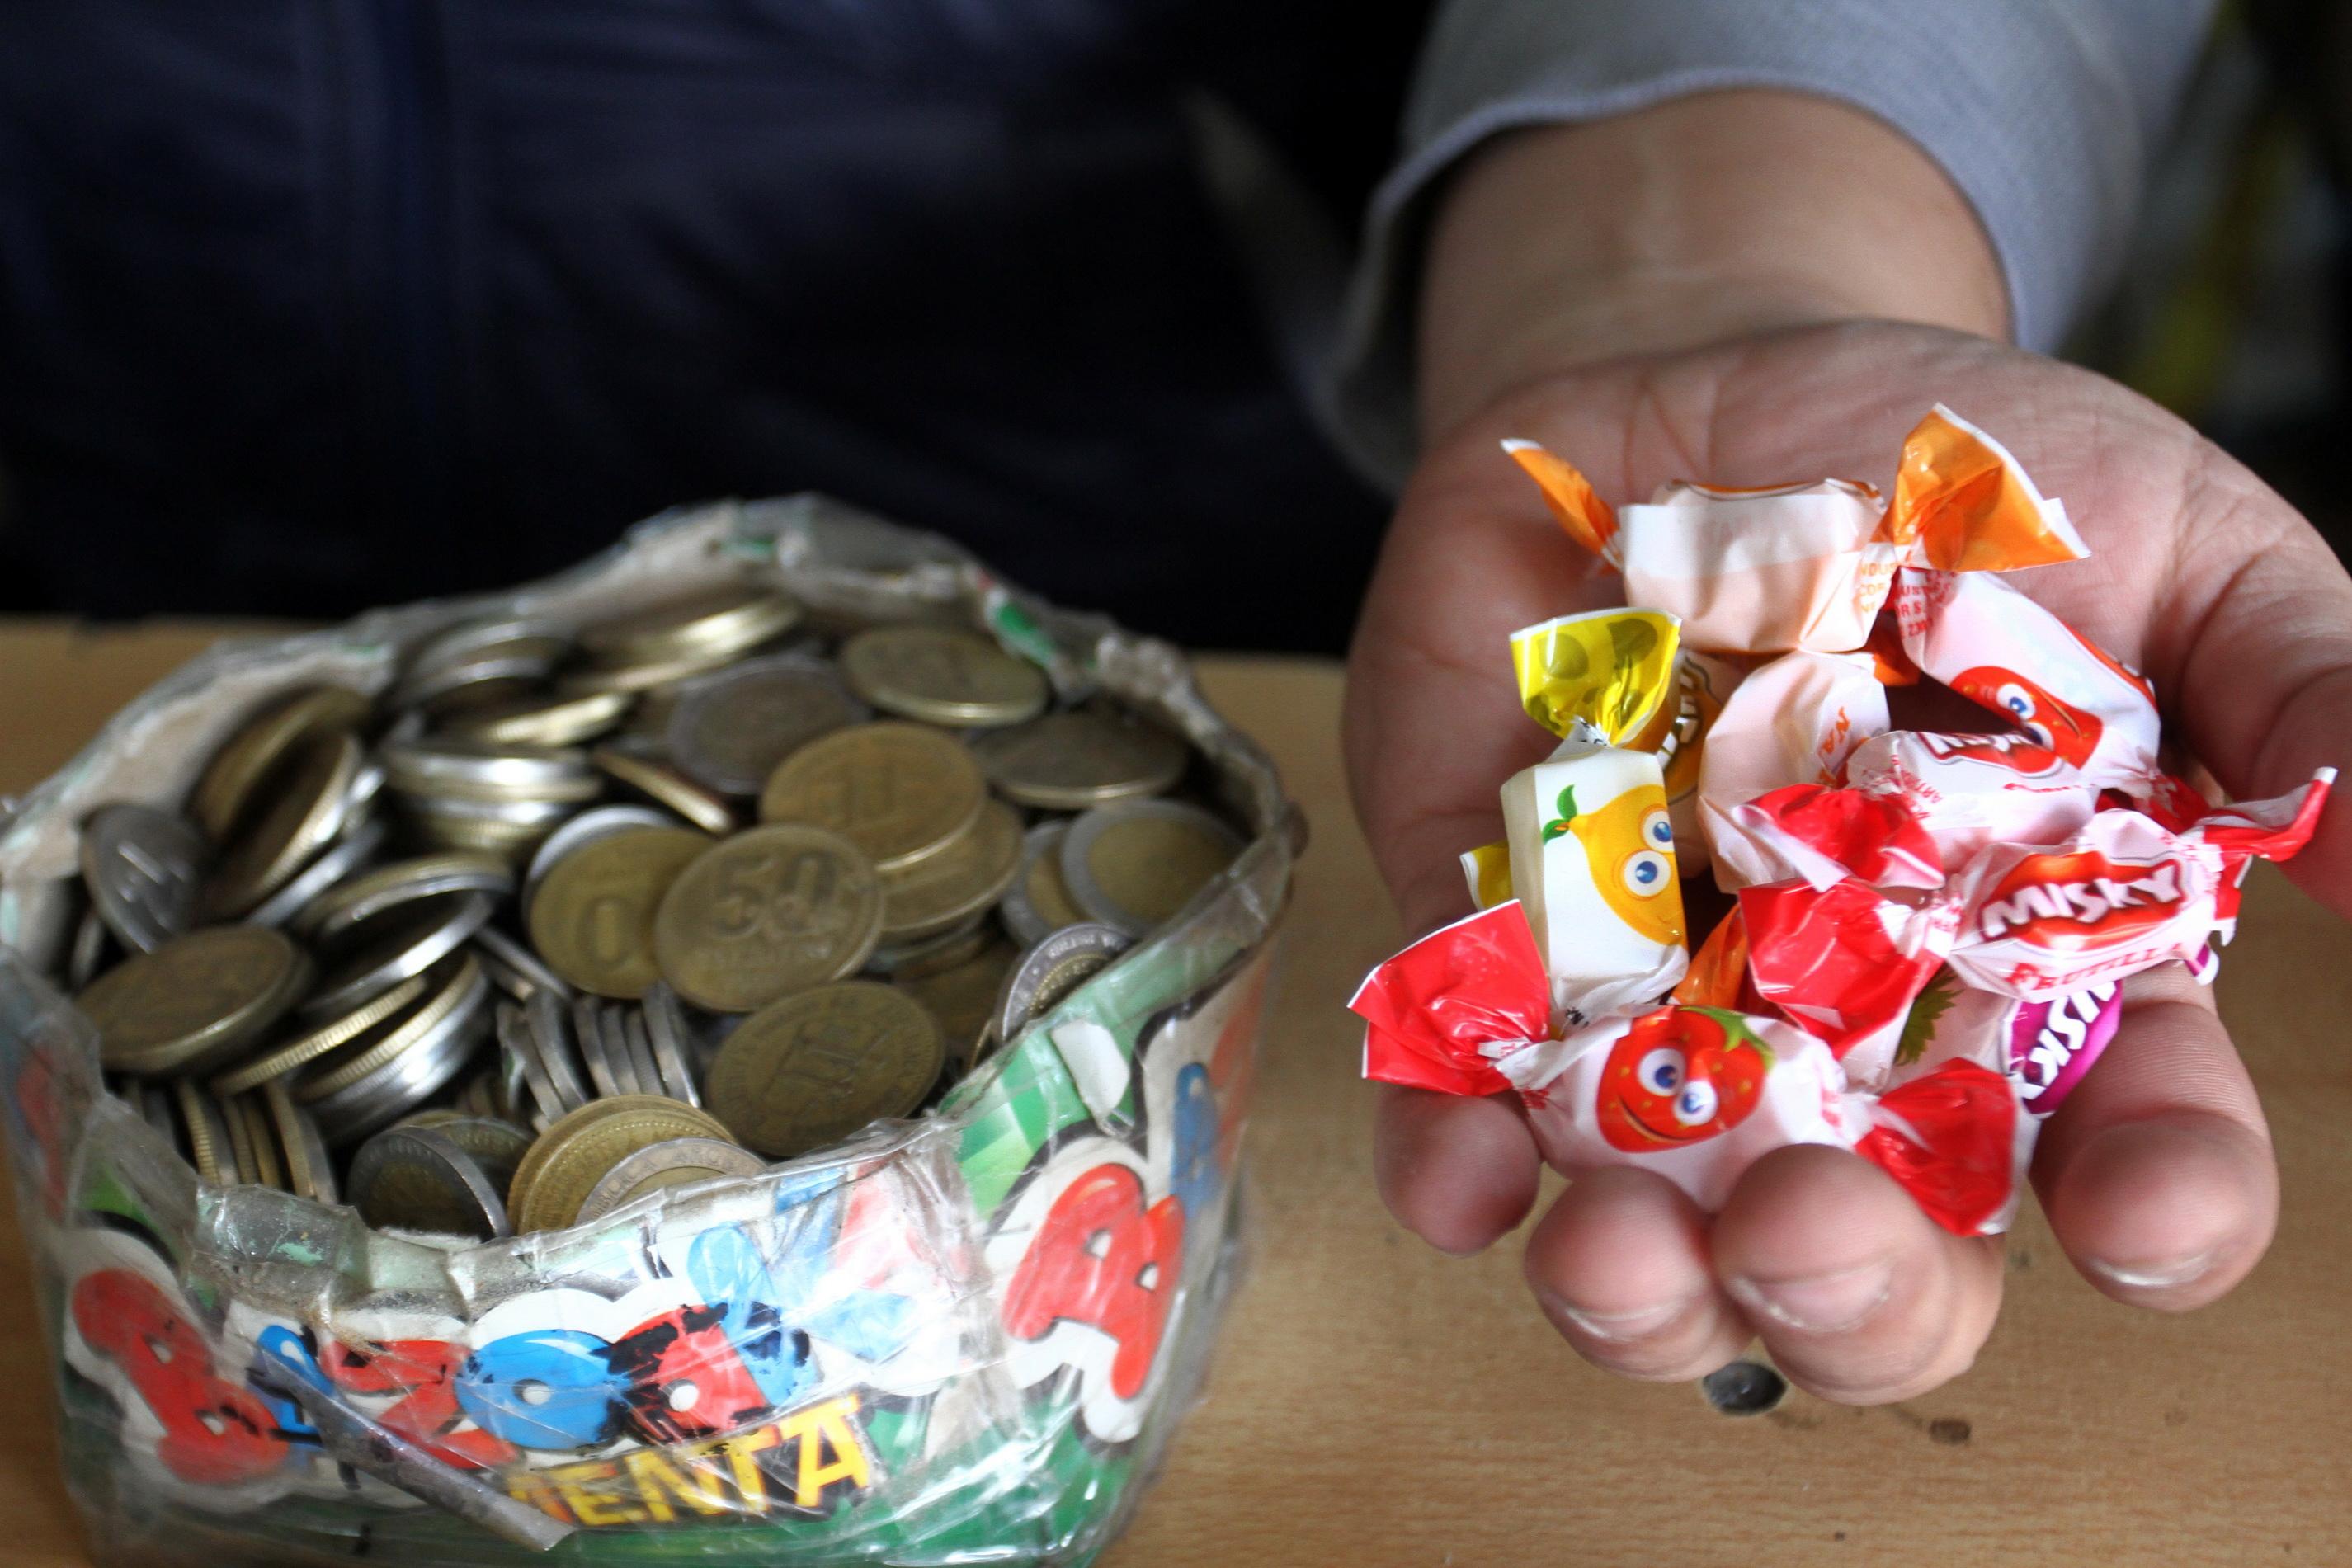 Billetes de cinco pesos: desde este jueves se pueden cambiar en bancos